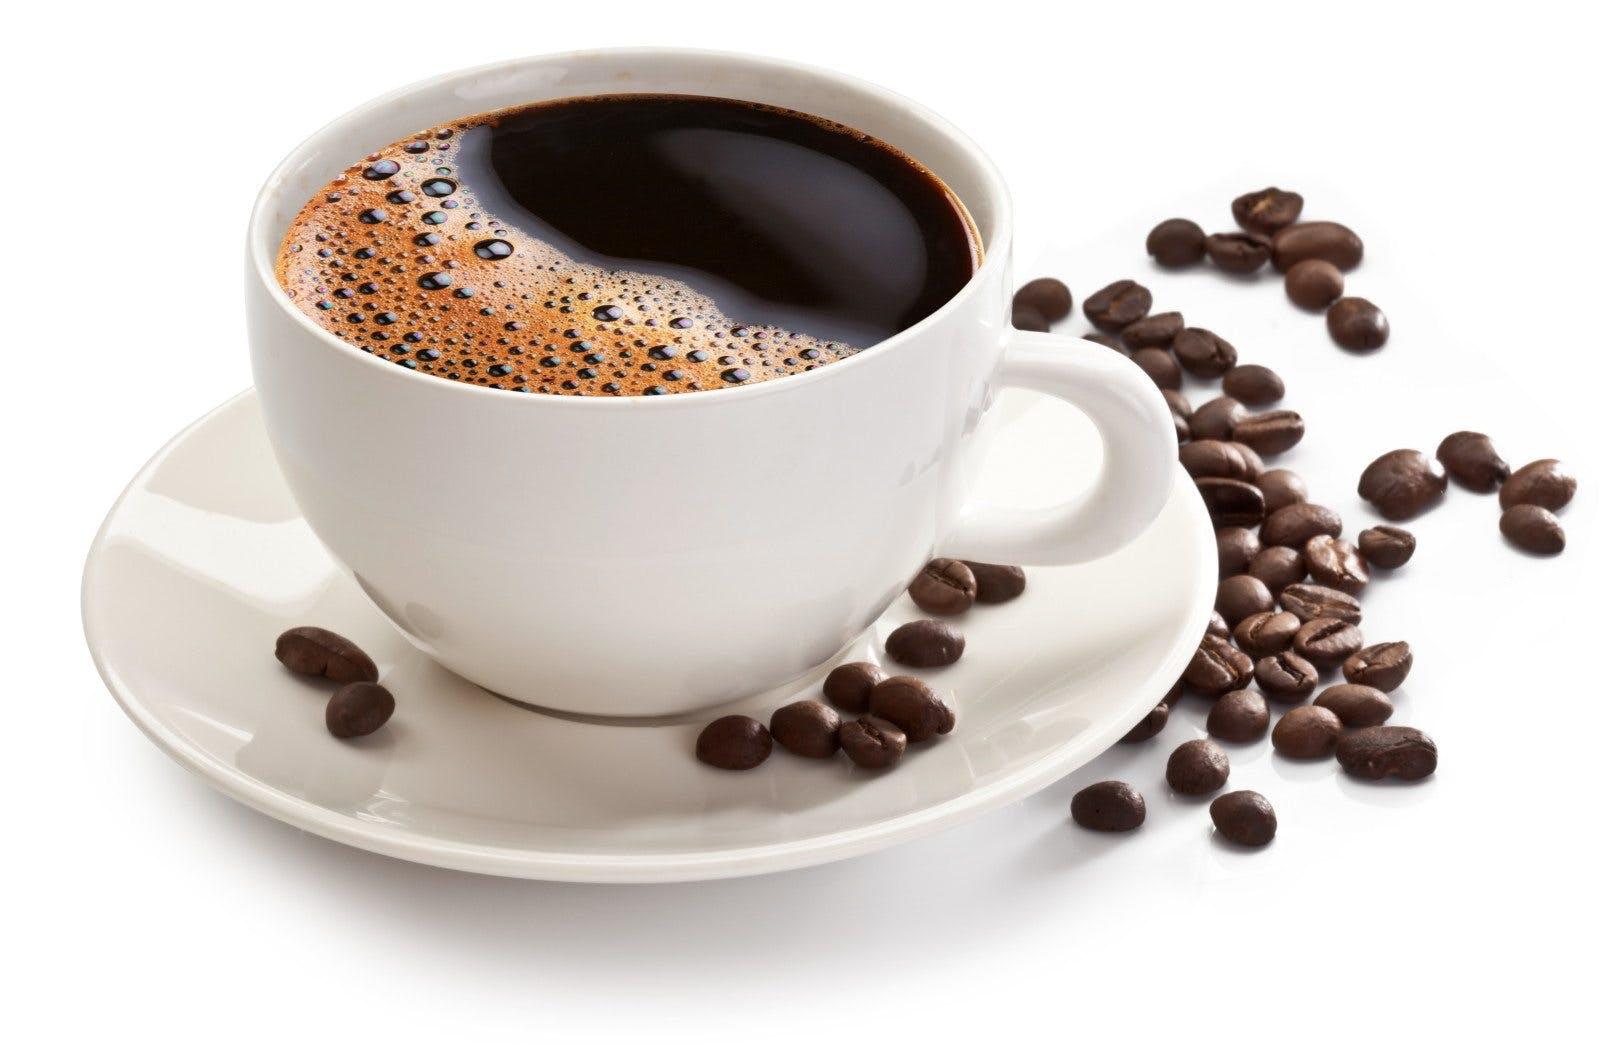 kaffe på morgonen bra eller dåligt